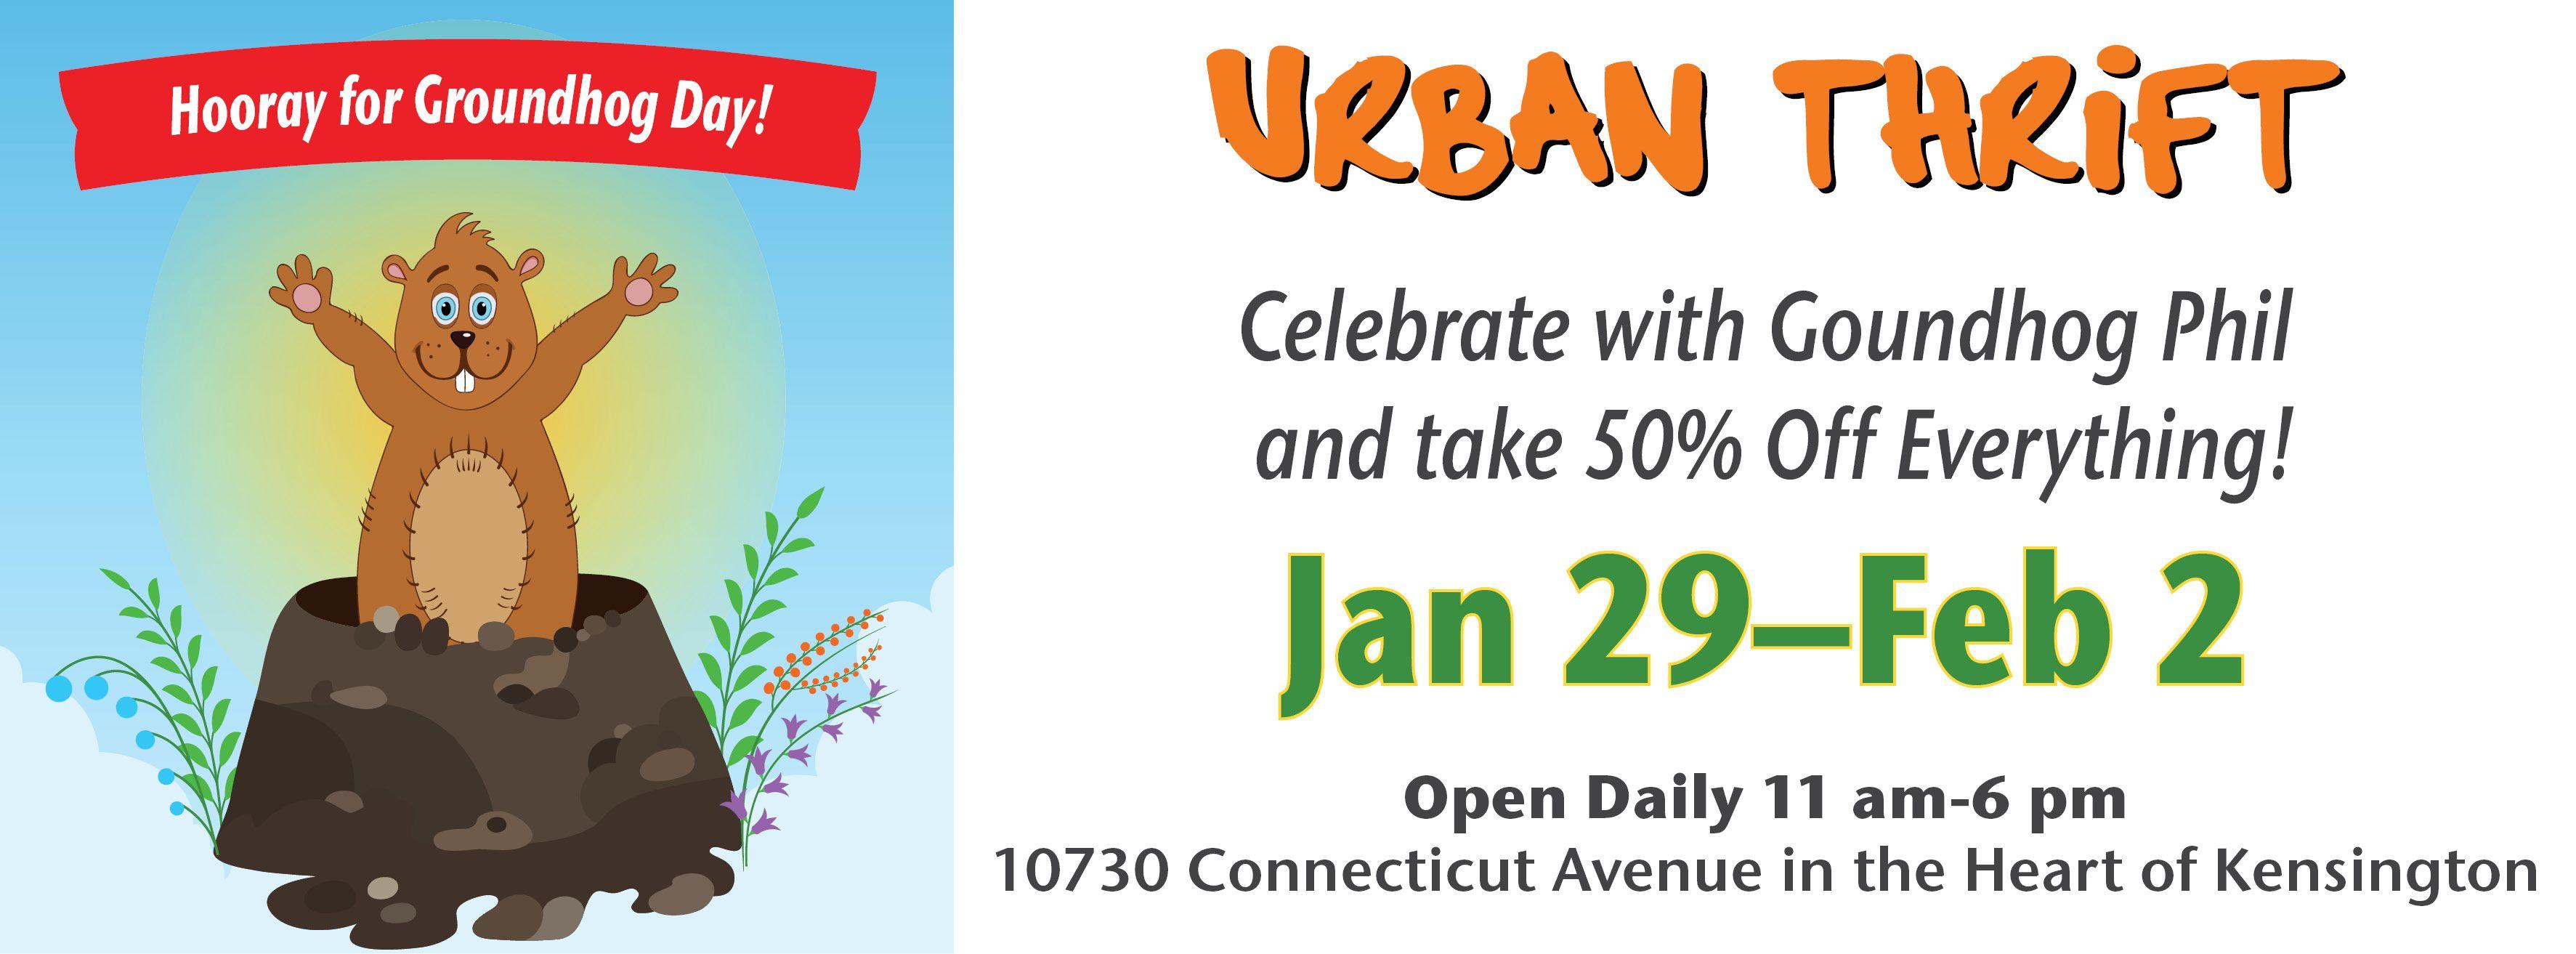 Urban Thrift Groundhog Day Sale